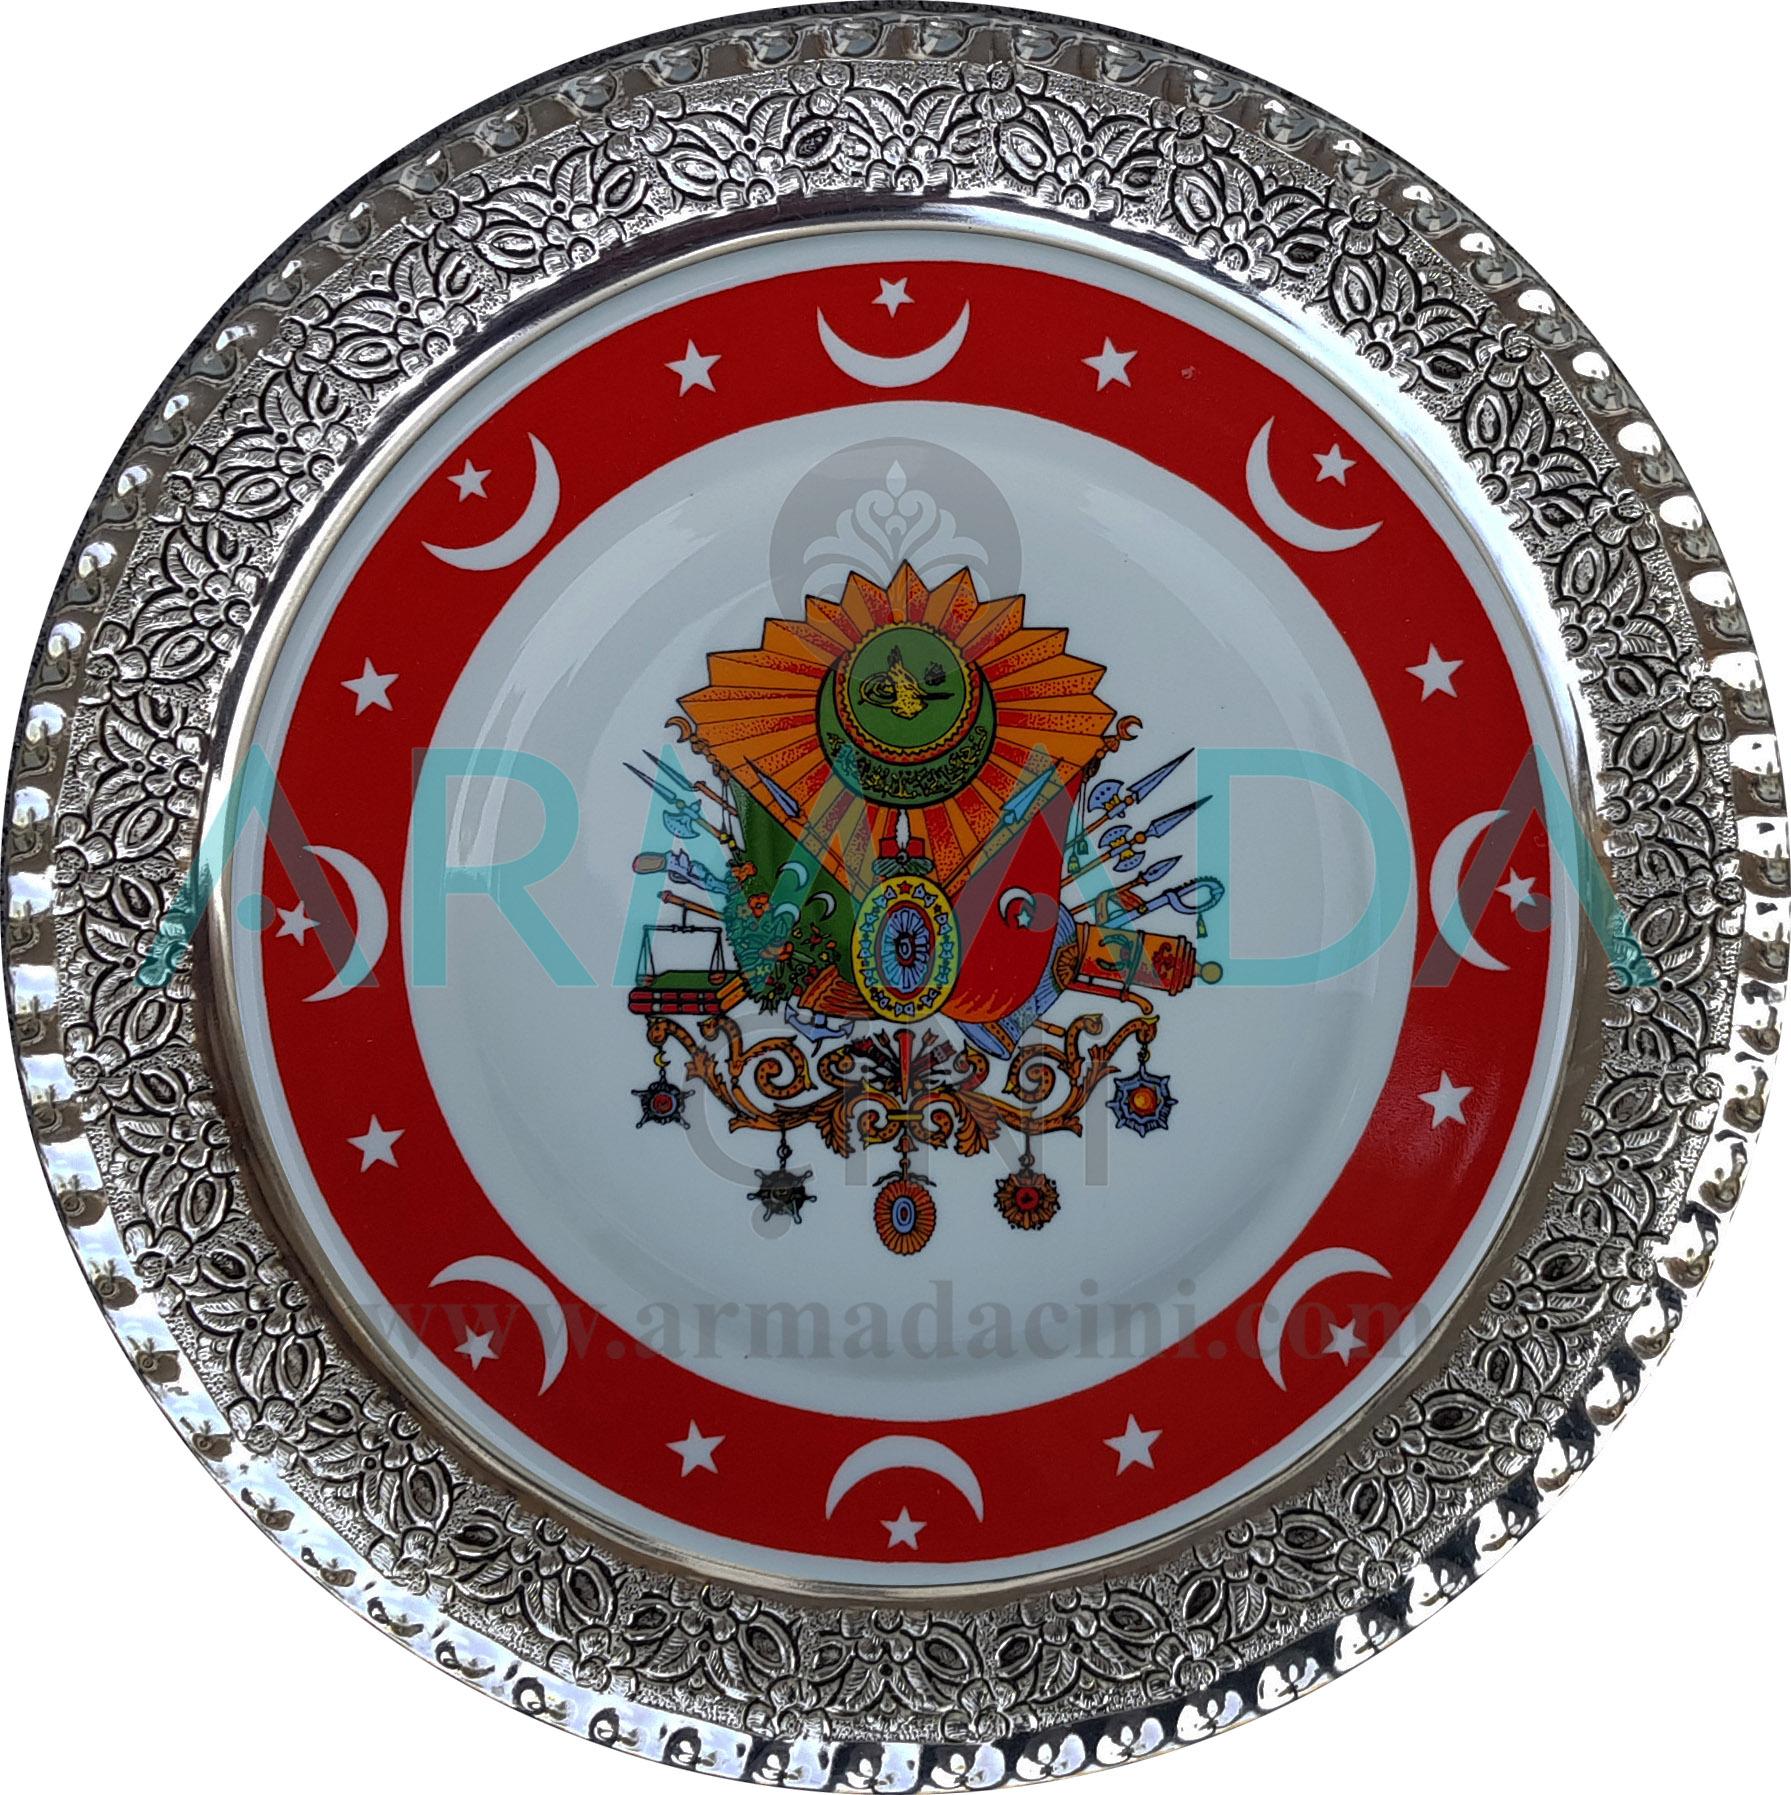 Osmanlı Devlet Armalı Porselen Tabak Modeli Ay Yıldız Hilal Desenli çini